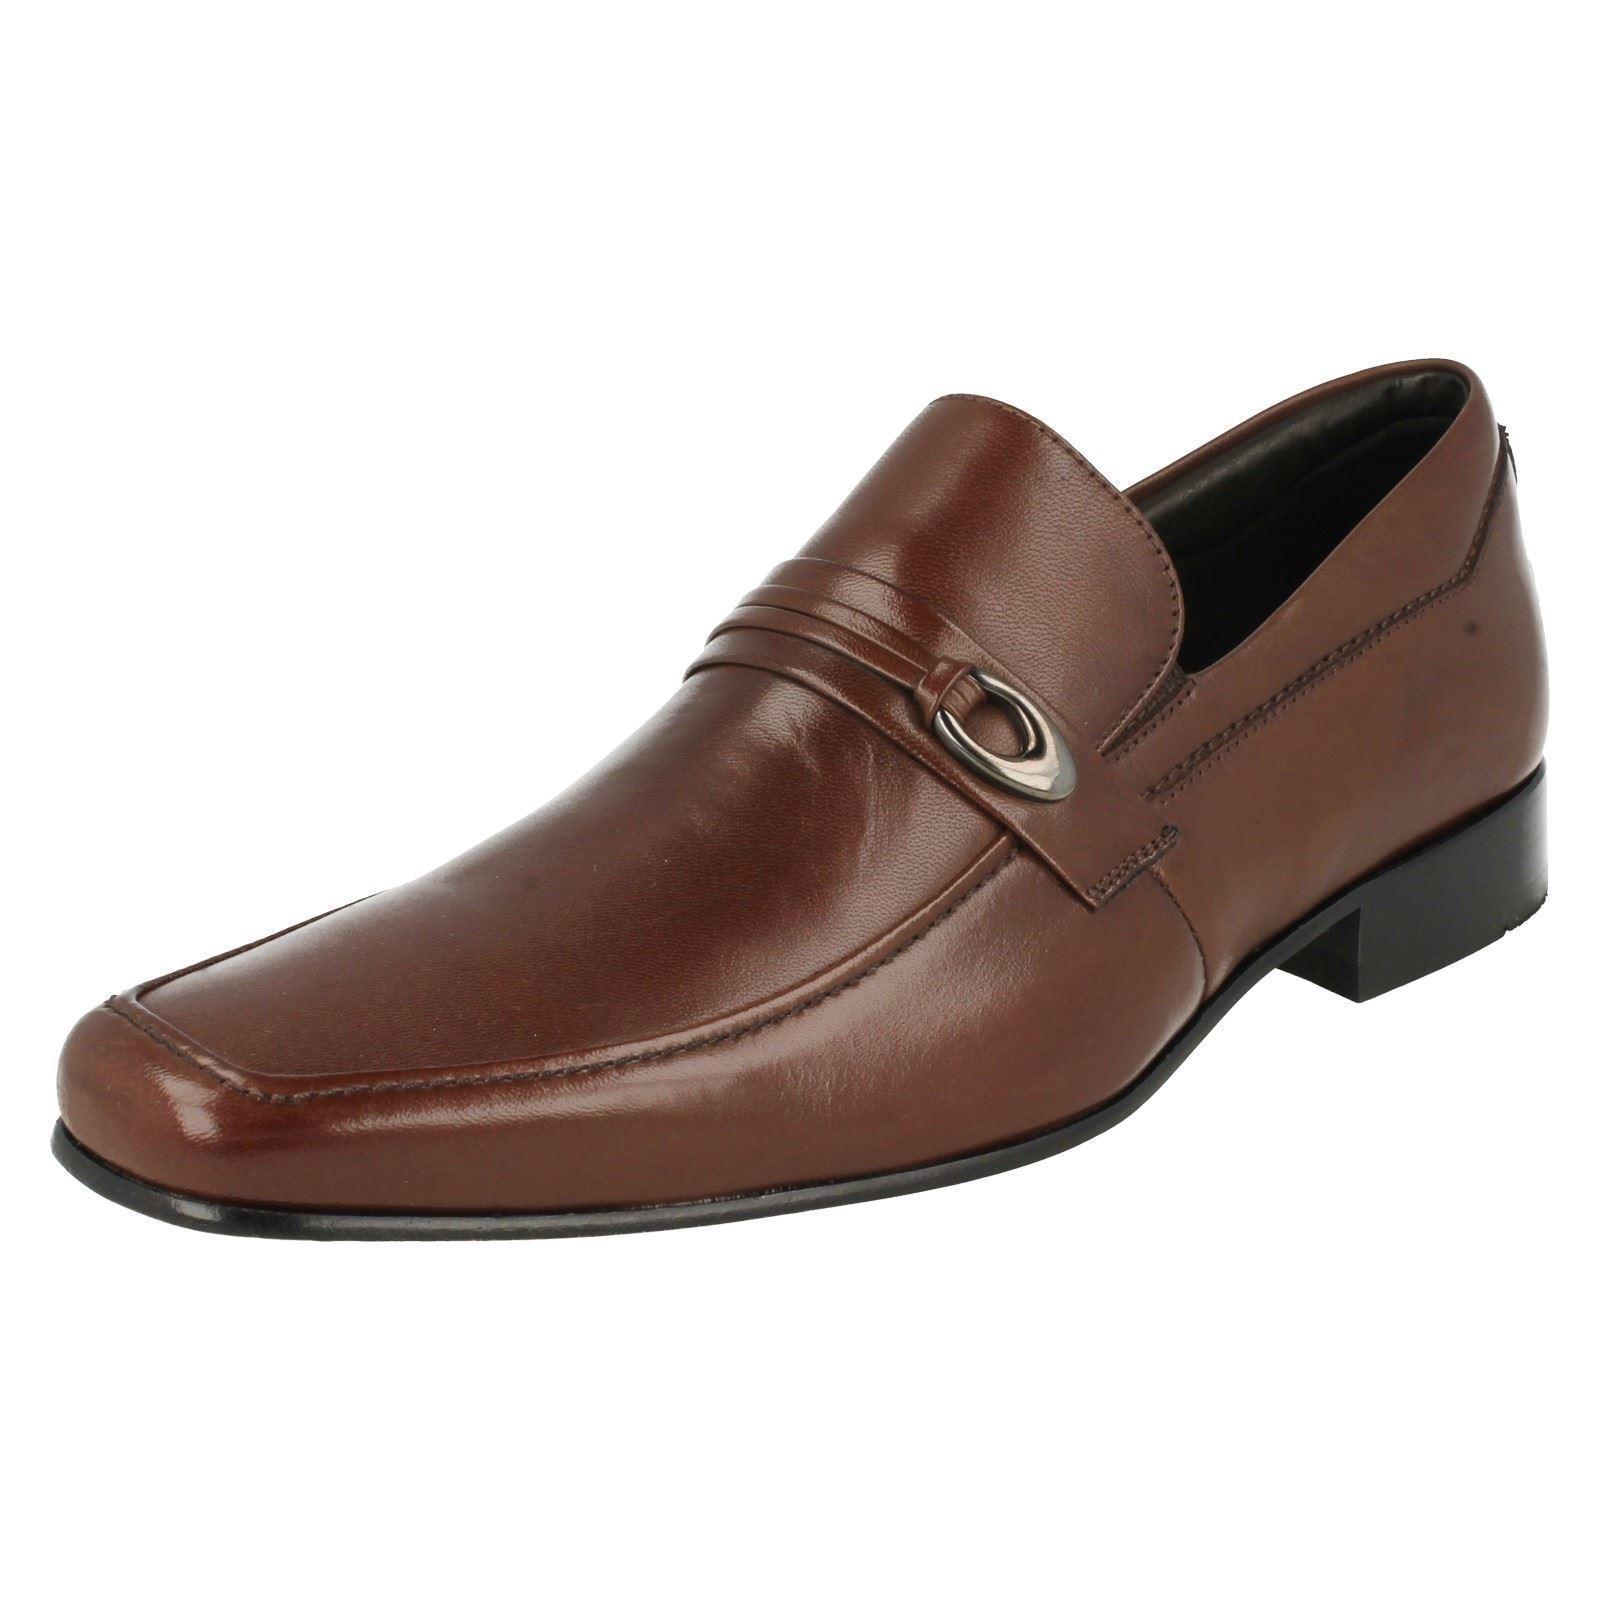 Billig gute Qualität Anatomic förmliche Schuhe - goiania2